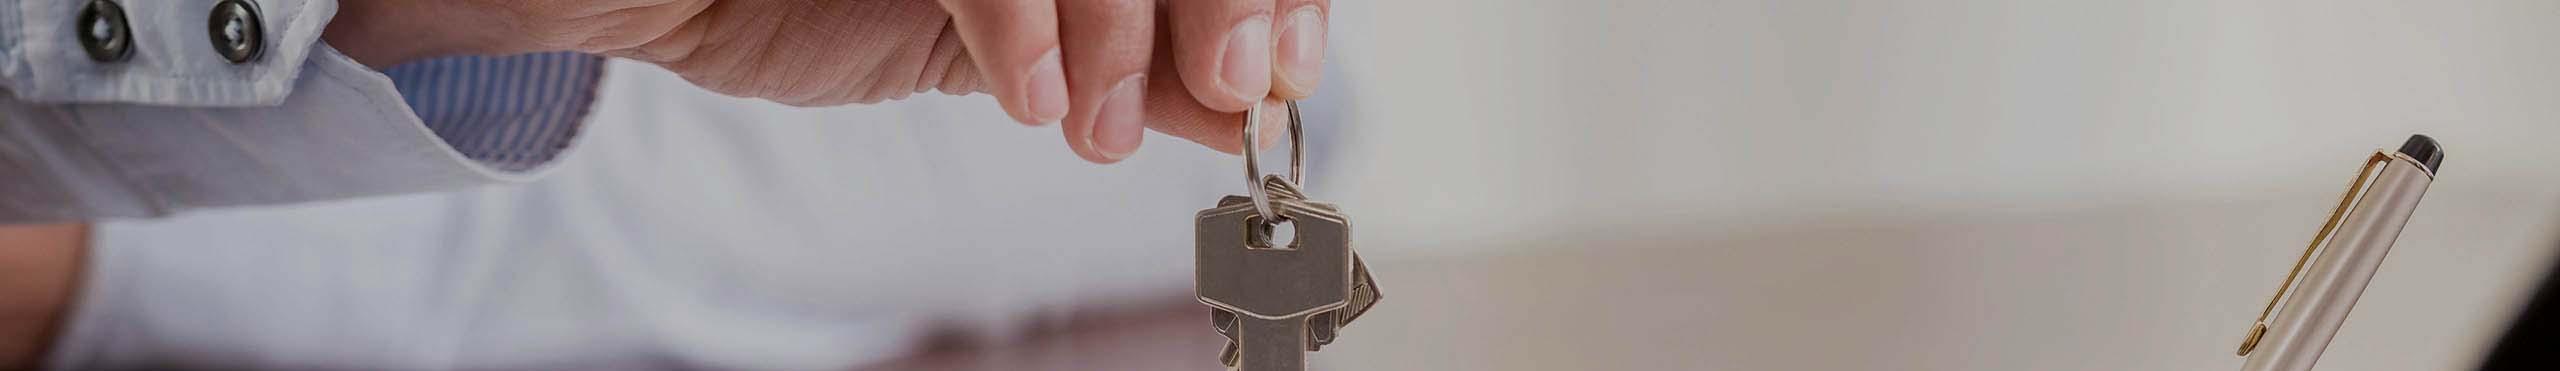 Idée reçue : Faut-il être locataire ou propriétaire ?